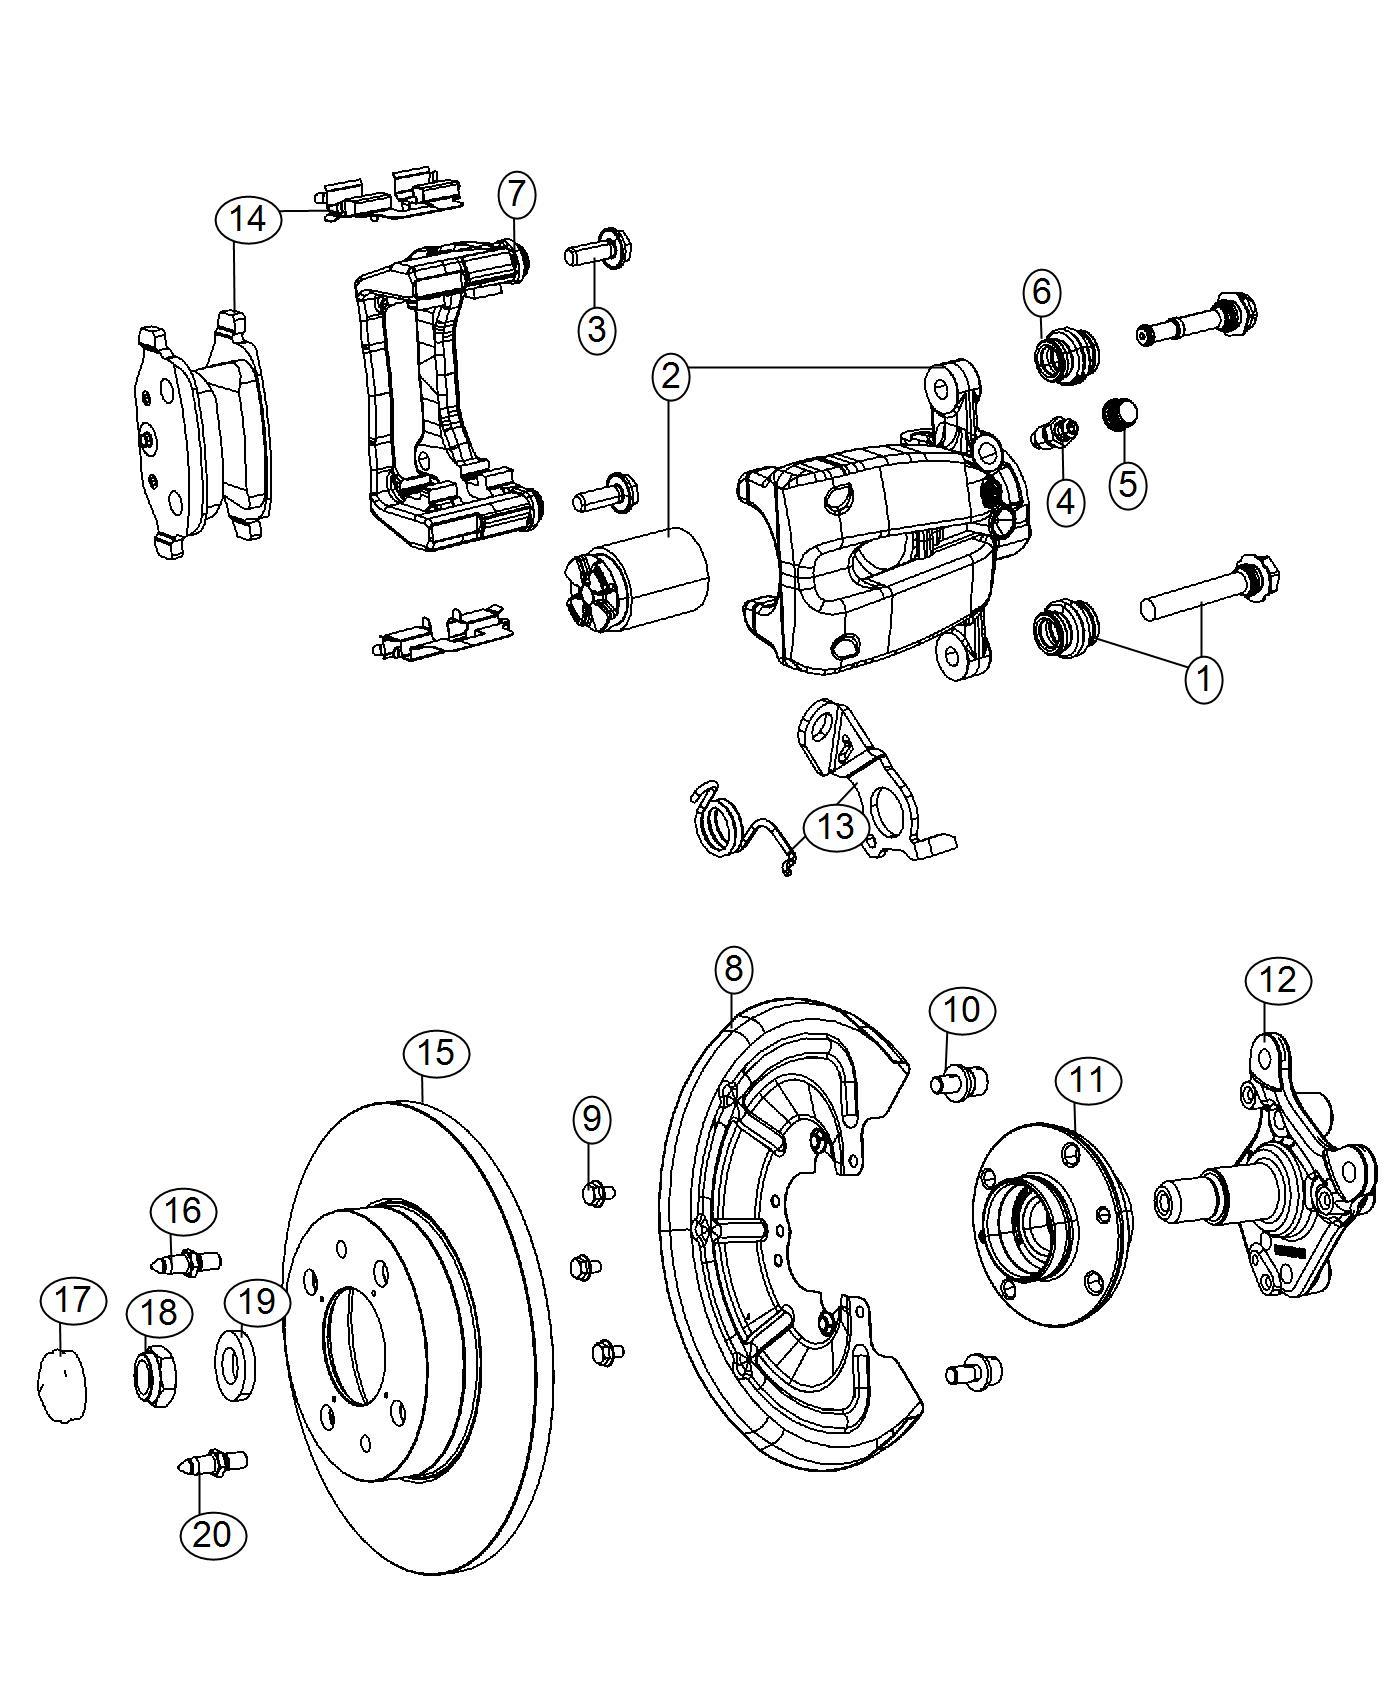 2016 Fiat 500 Pad kit. Rear disc brake. Brakes, abs, whl